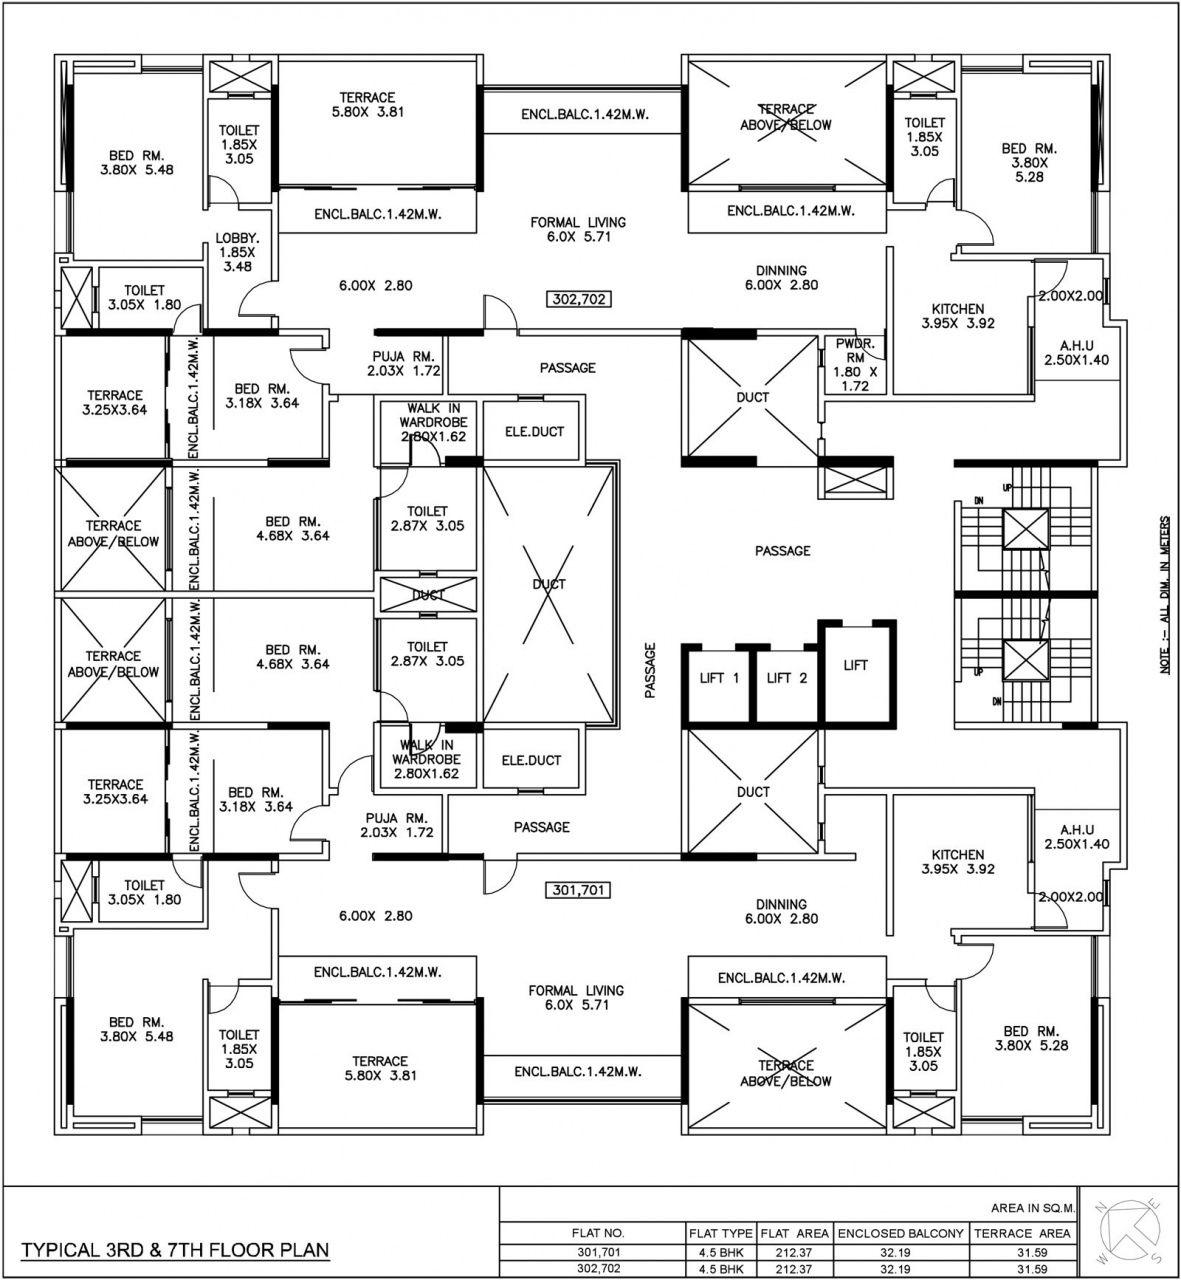 Pin By Chalanasudhir On House Plans Unique House Plans House Plans Secret Rooms